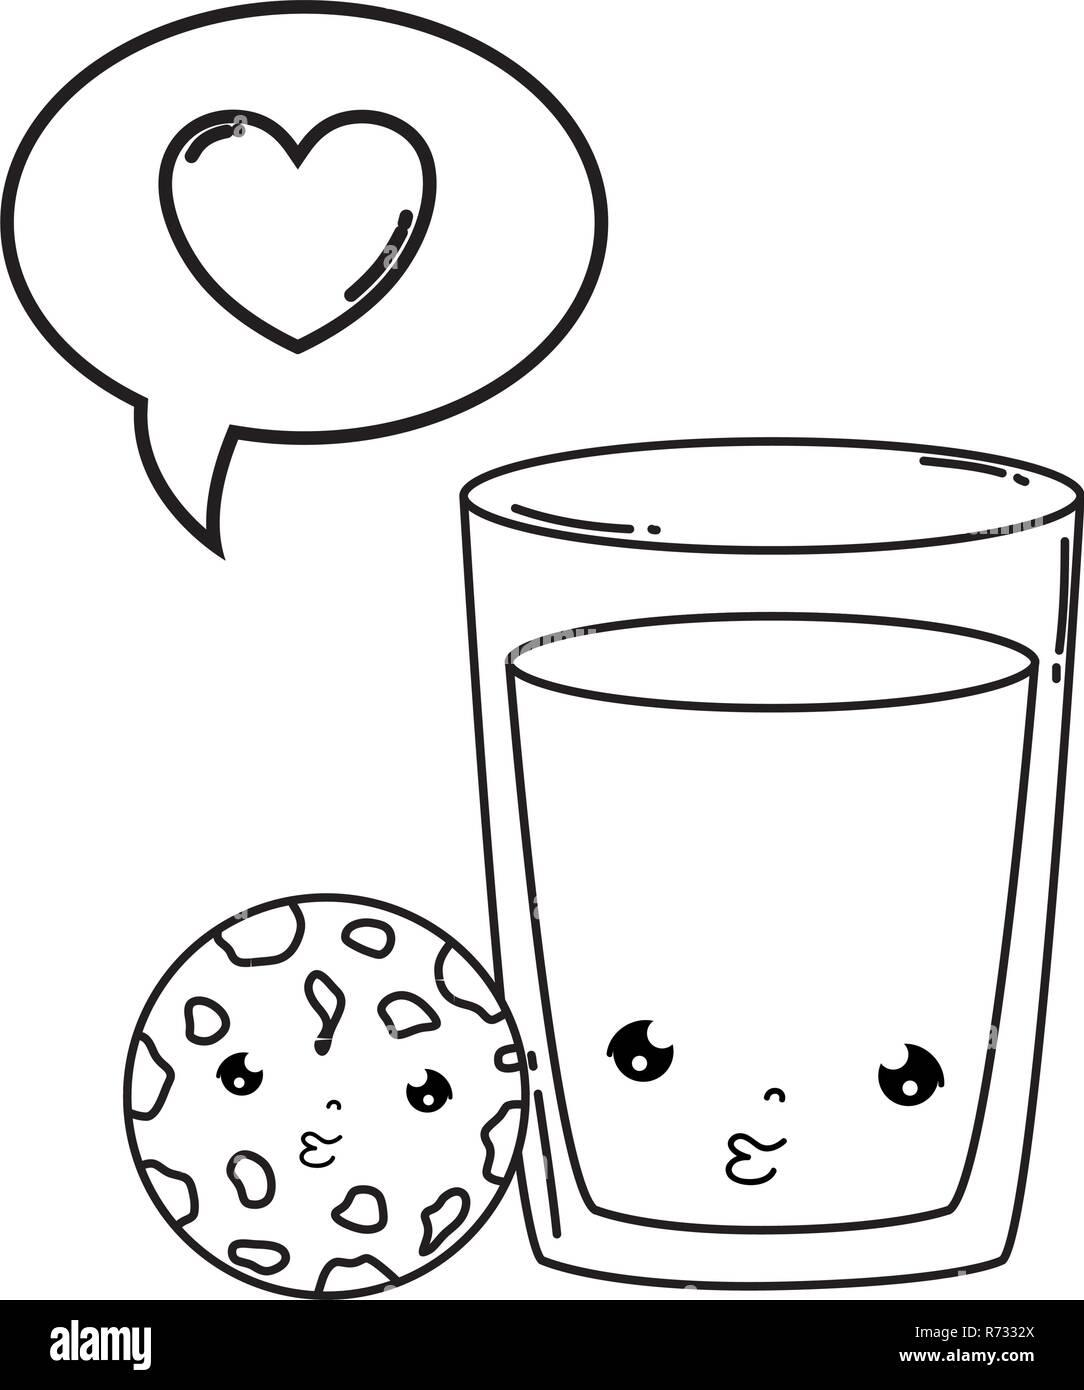 Caricatura De Desayuno Imágenes De Stock Caricatura De Desayuno